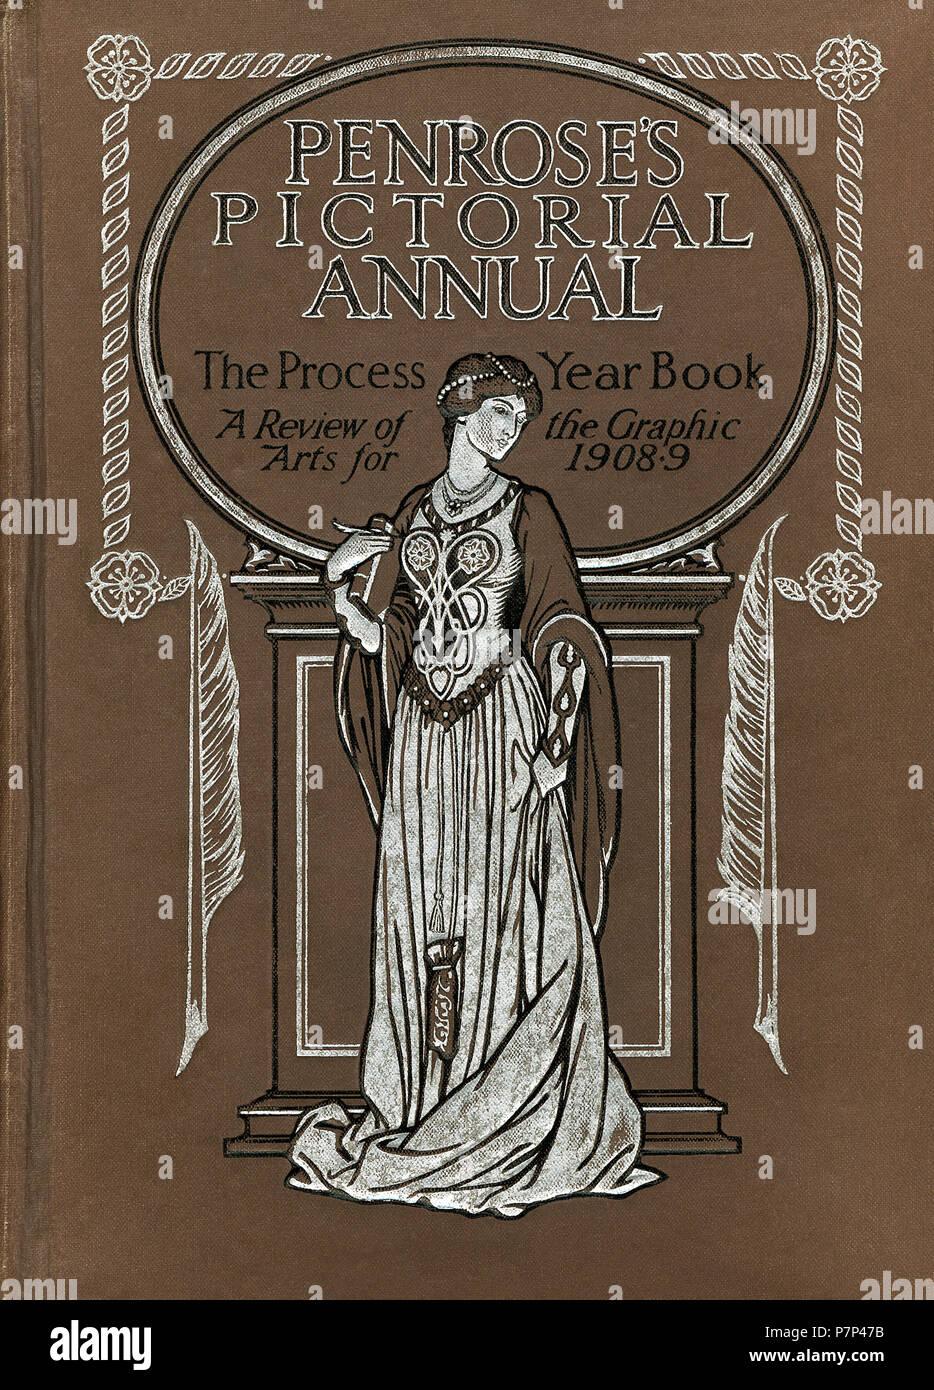 Vordere Abdeckung des Penrose bildliche Jährliche. Der Prozess Jahr Buch: eine Überprüfung der Graphic Arts 1908-9. Stockbild